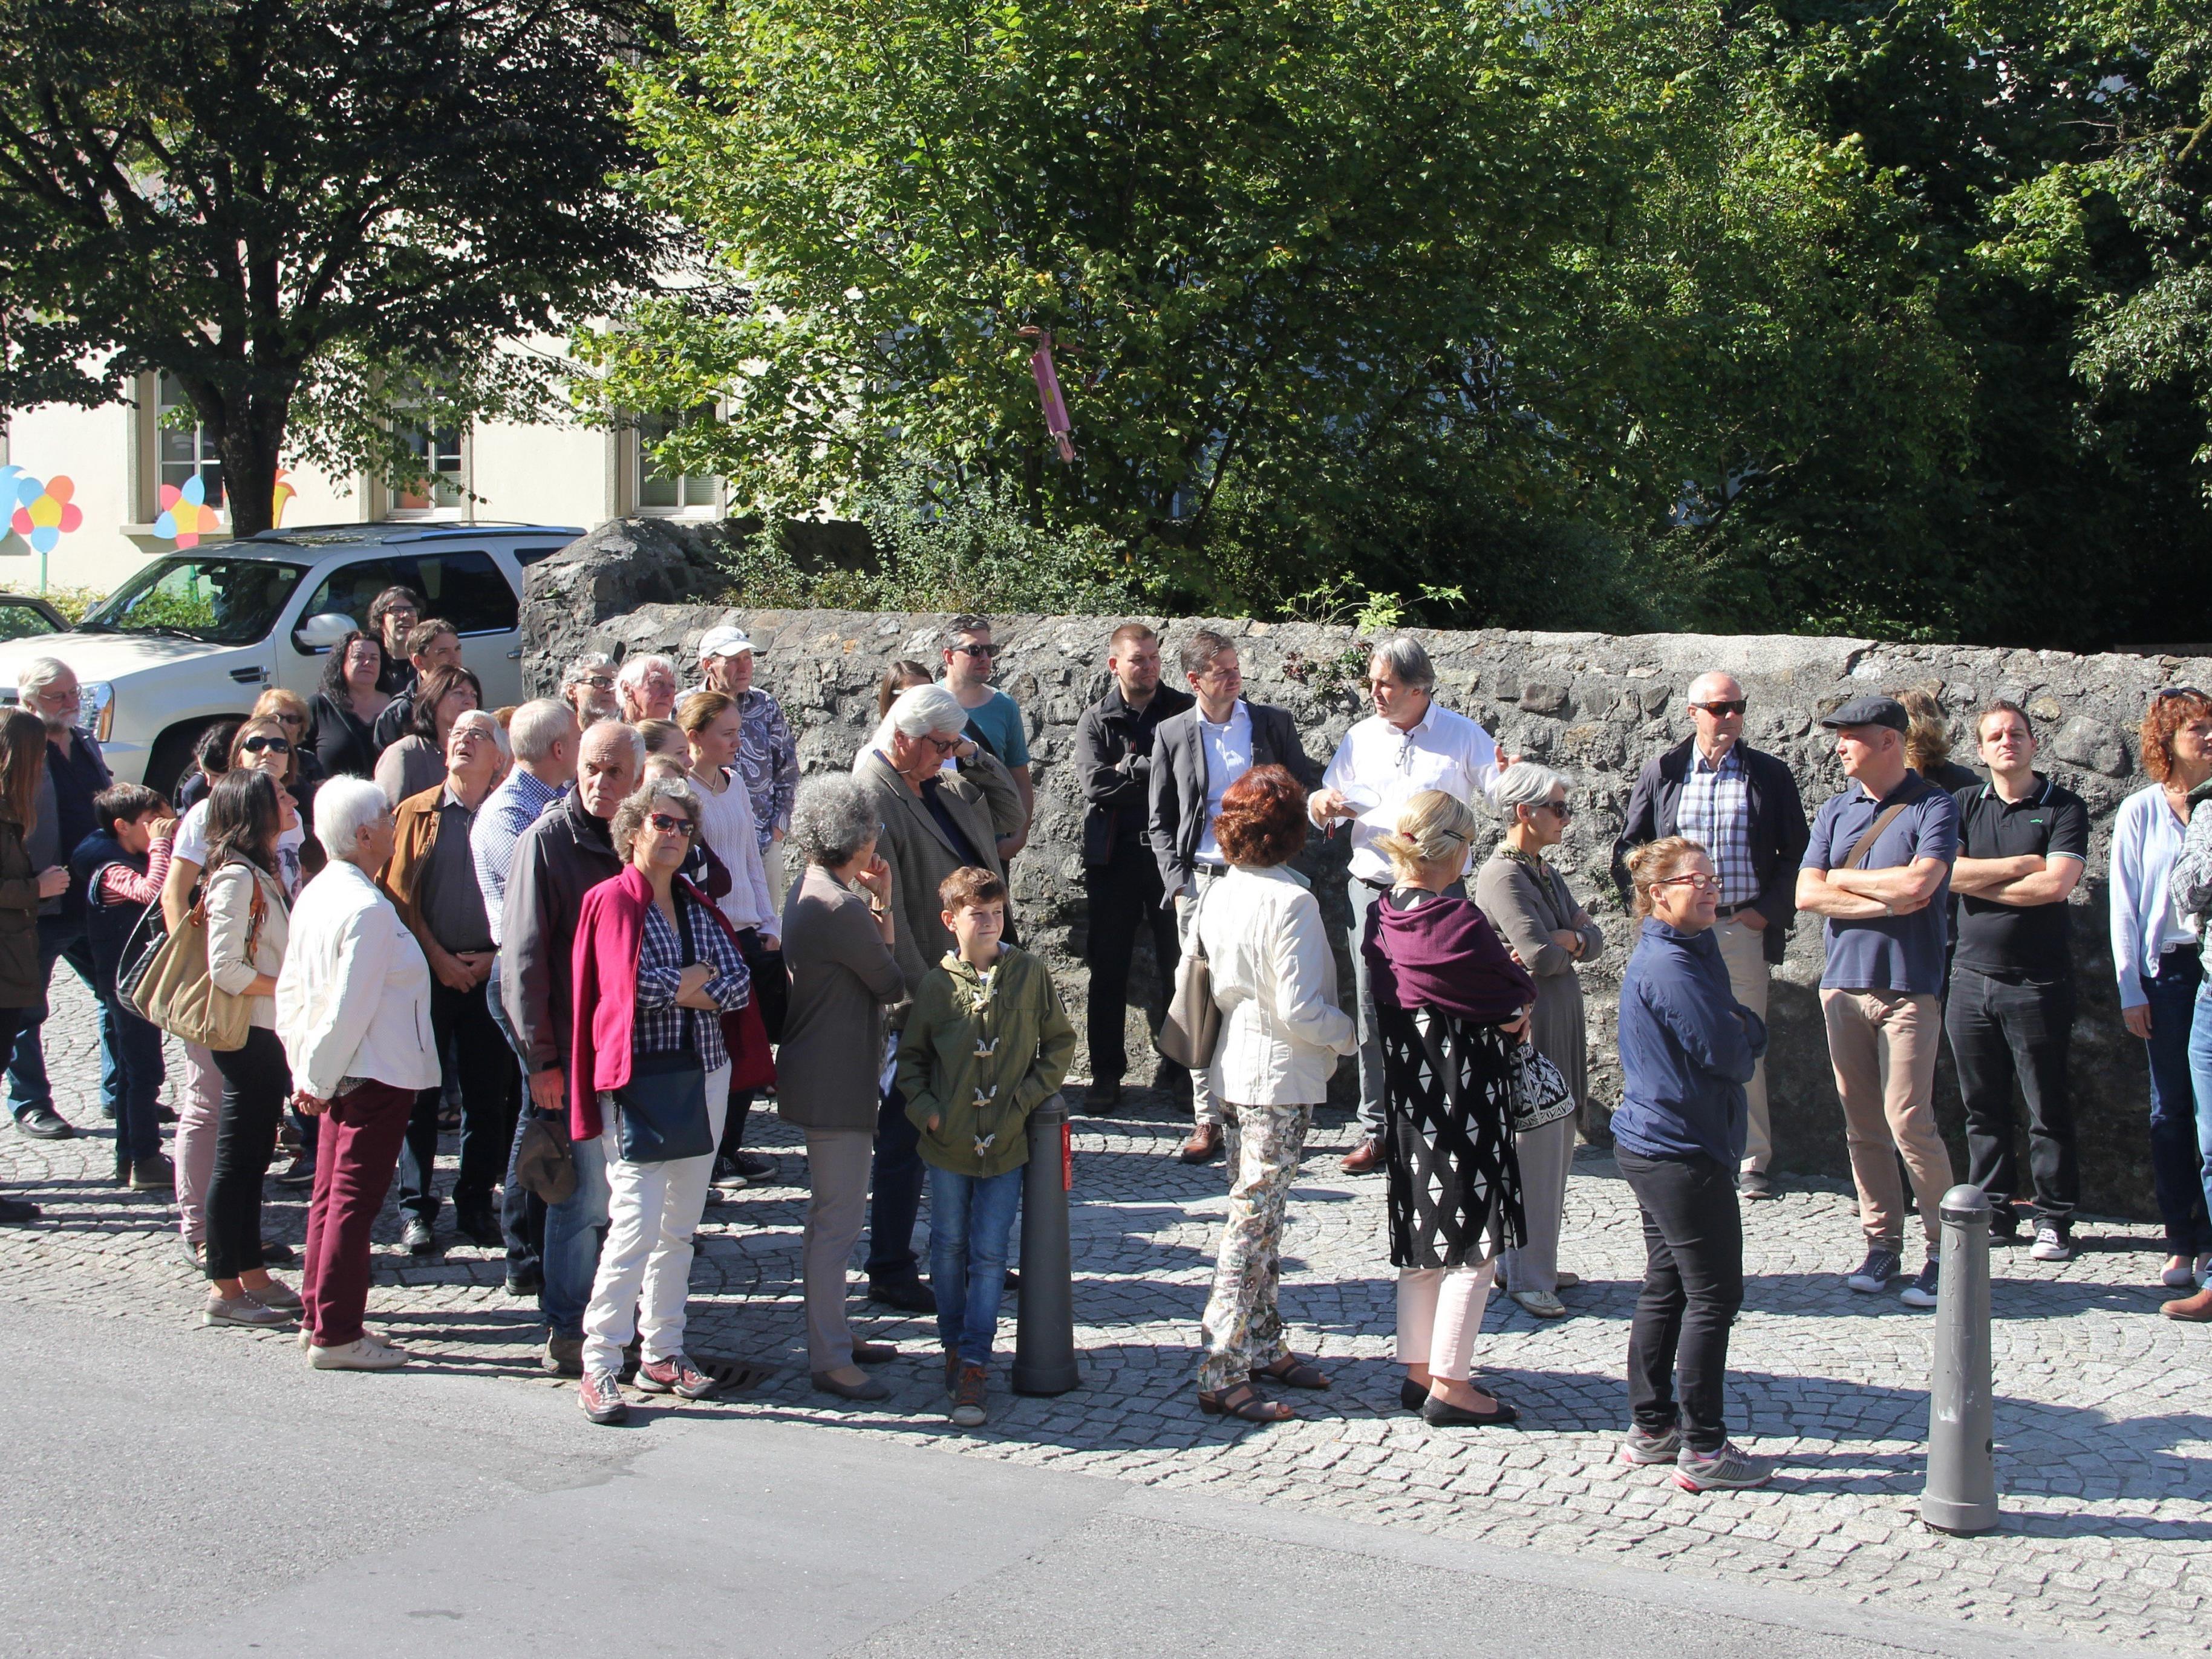 DI Thomas Kopf und DI Markus Schadenbauer-Lacha führten die Besucher/innen durch die Marktstraße.